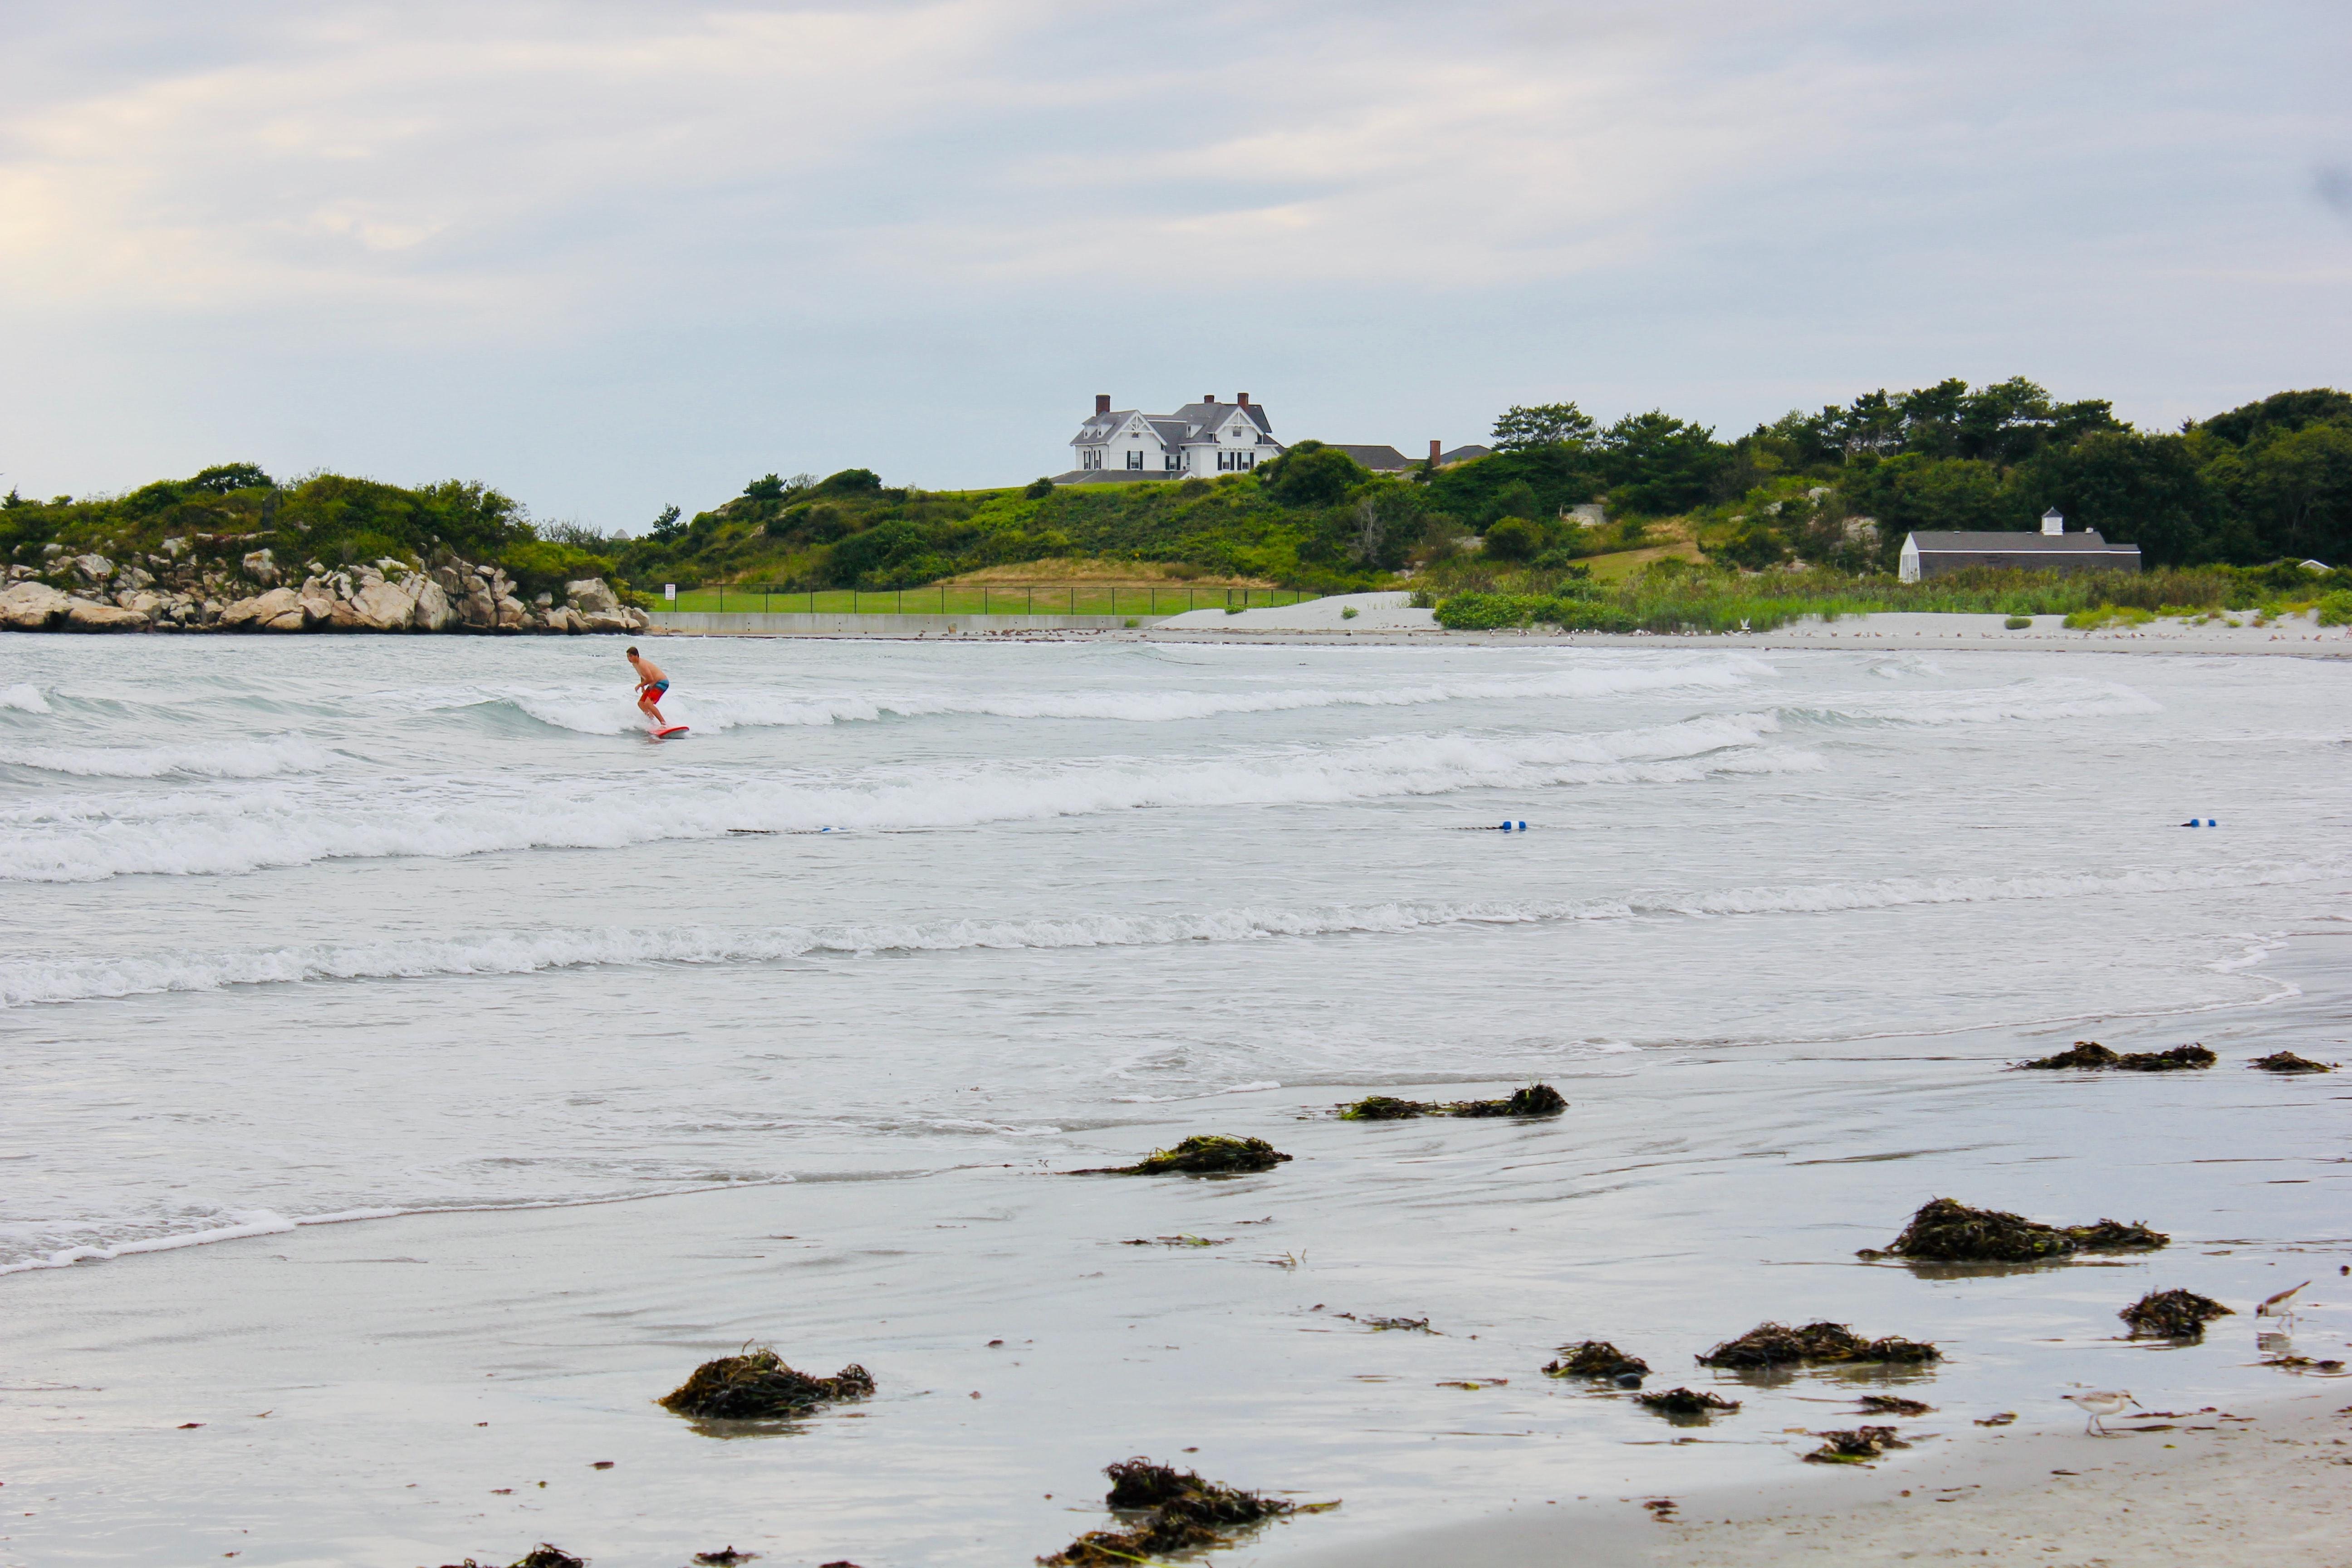 Surfer in Newport, Rhode Island